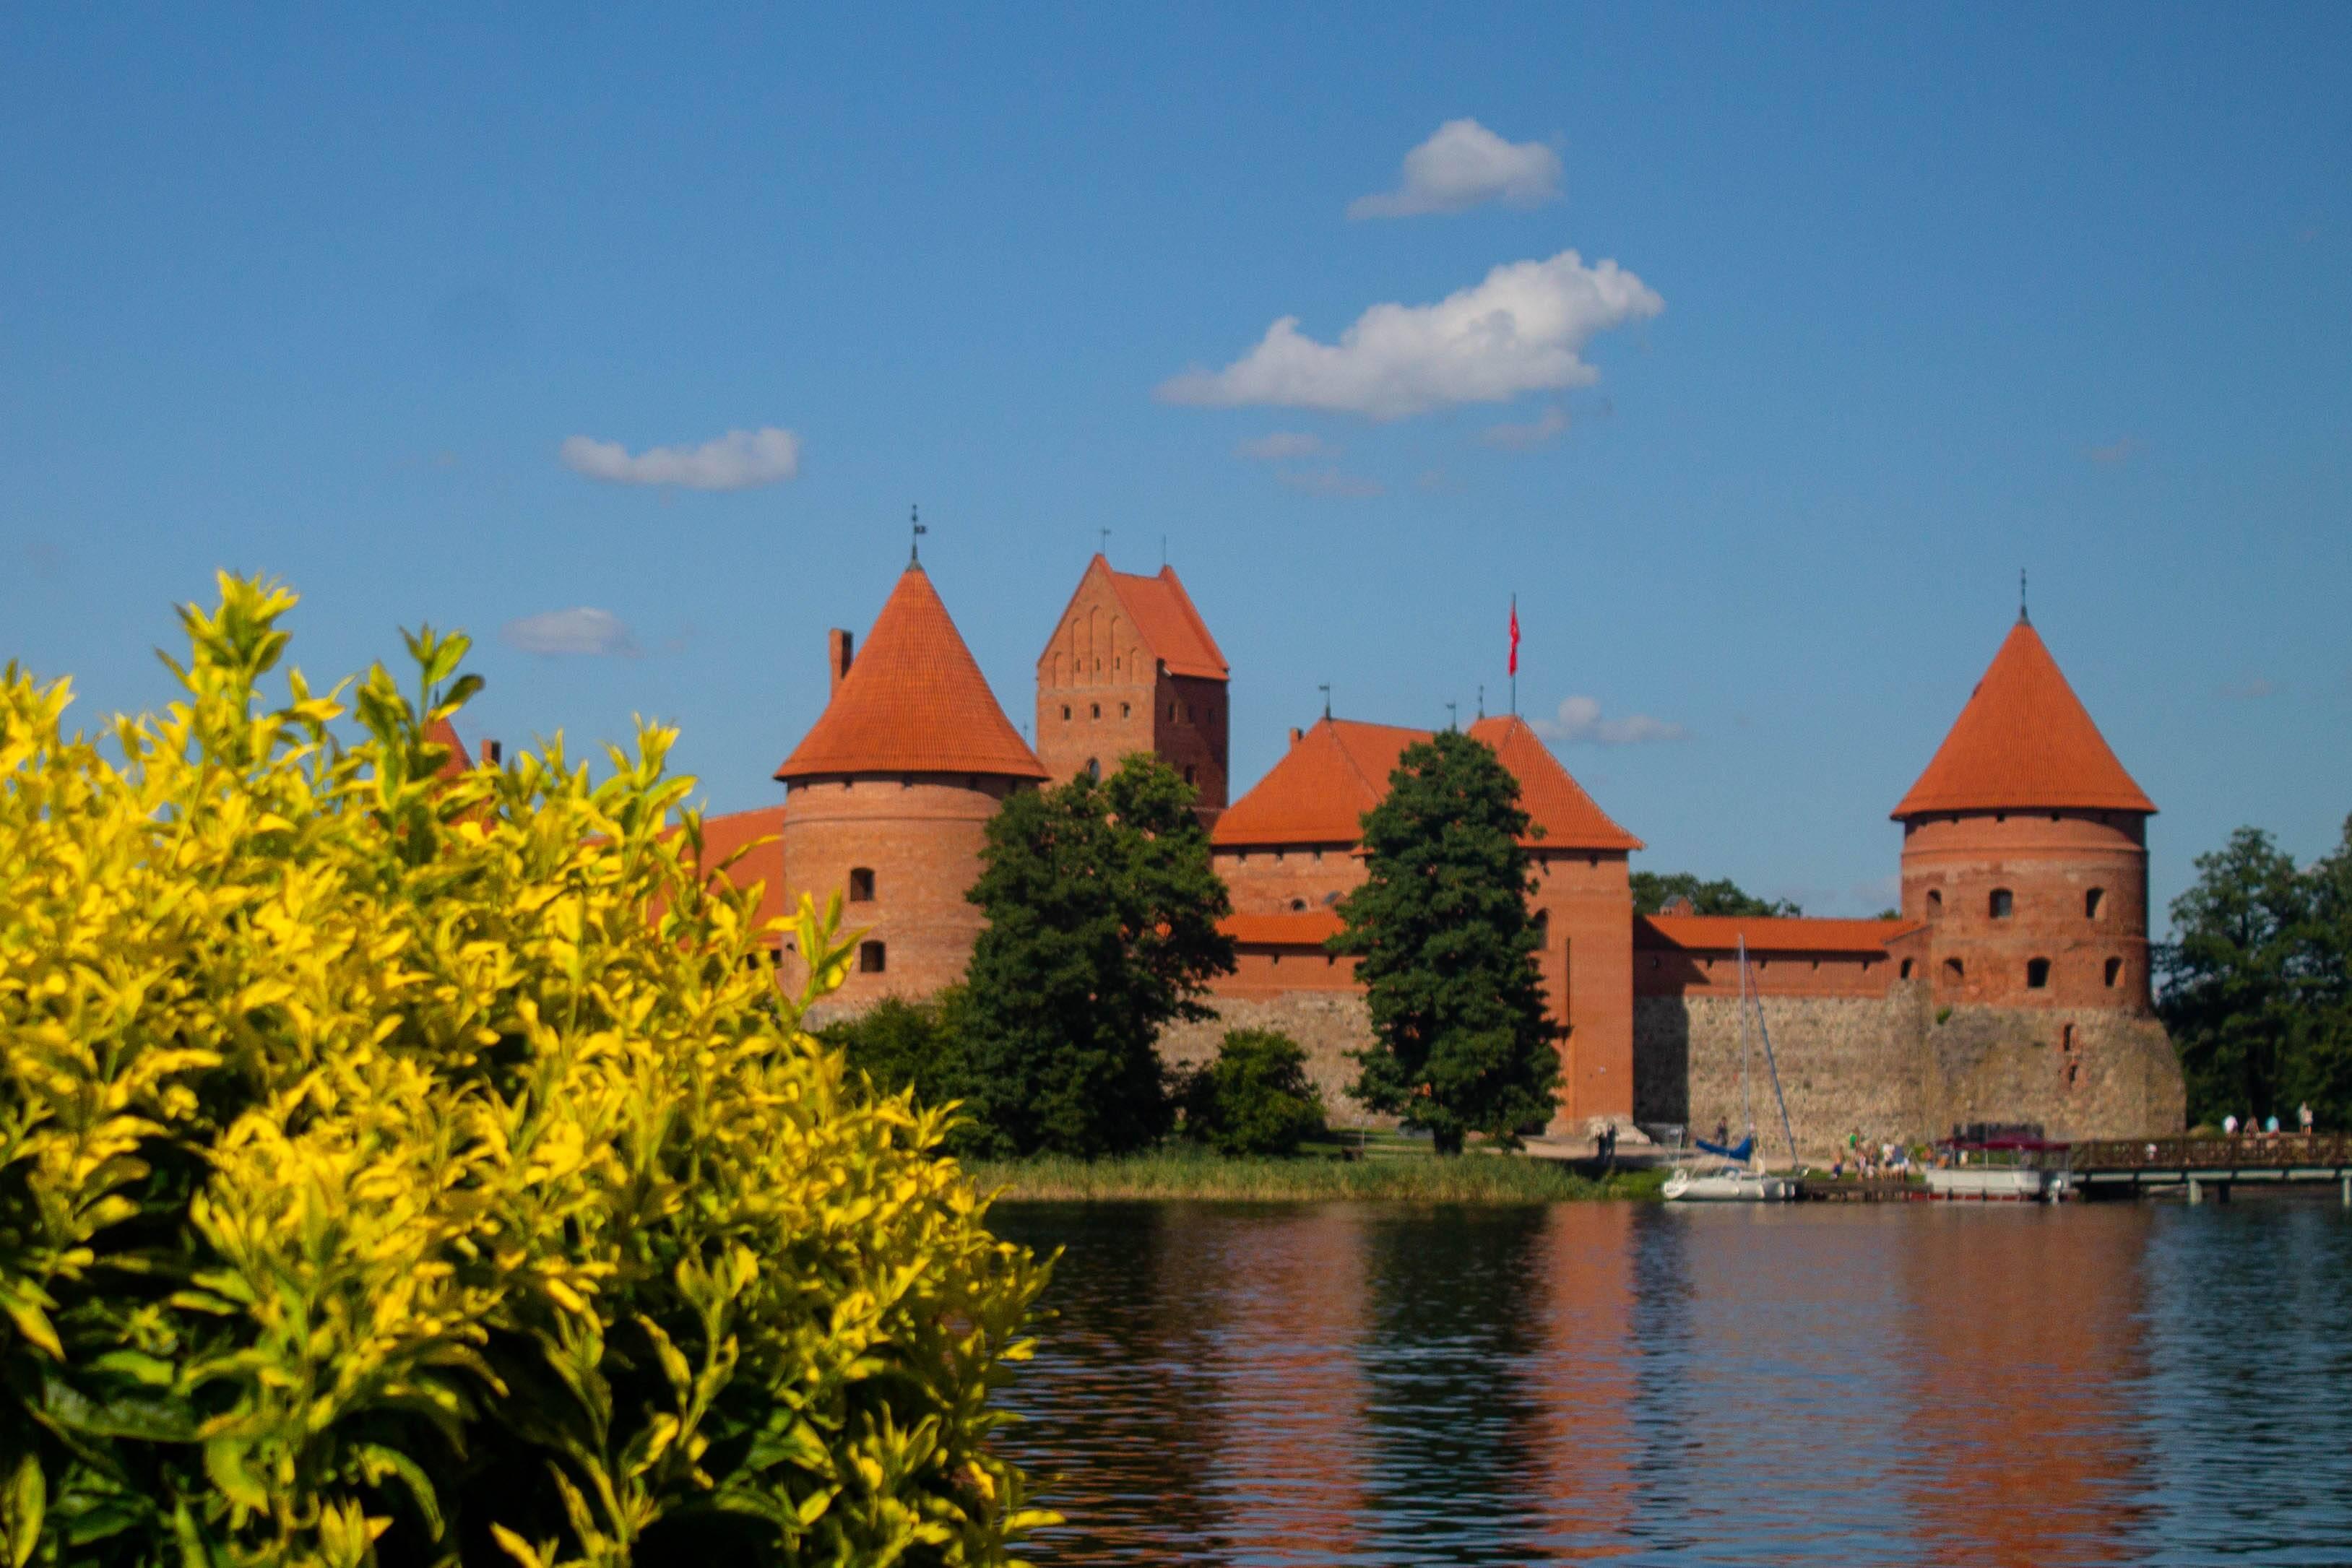 Castelo de Trakai: um lugar maravilhoso na Lituânia